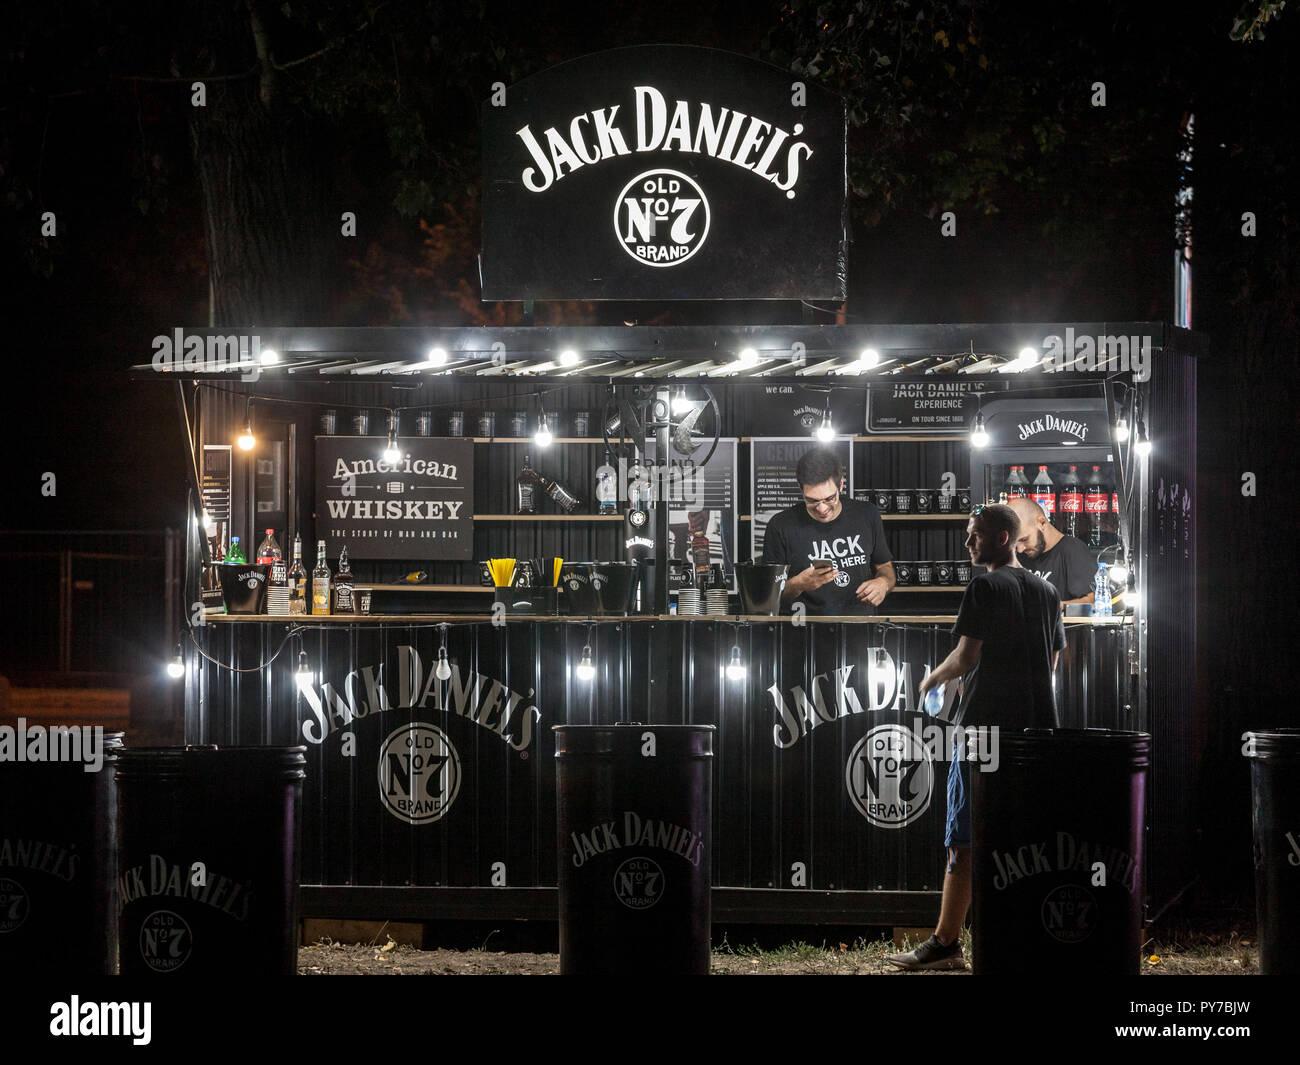 BELGRADE, SERBIA - AUGUST 17, 2018: Jack Daniel's logo on the terrace of a sponsored bar in Belgrade. Jack Daniel's is an American Whiskey Distillery  - Stock Image